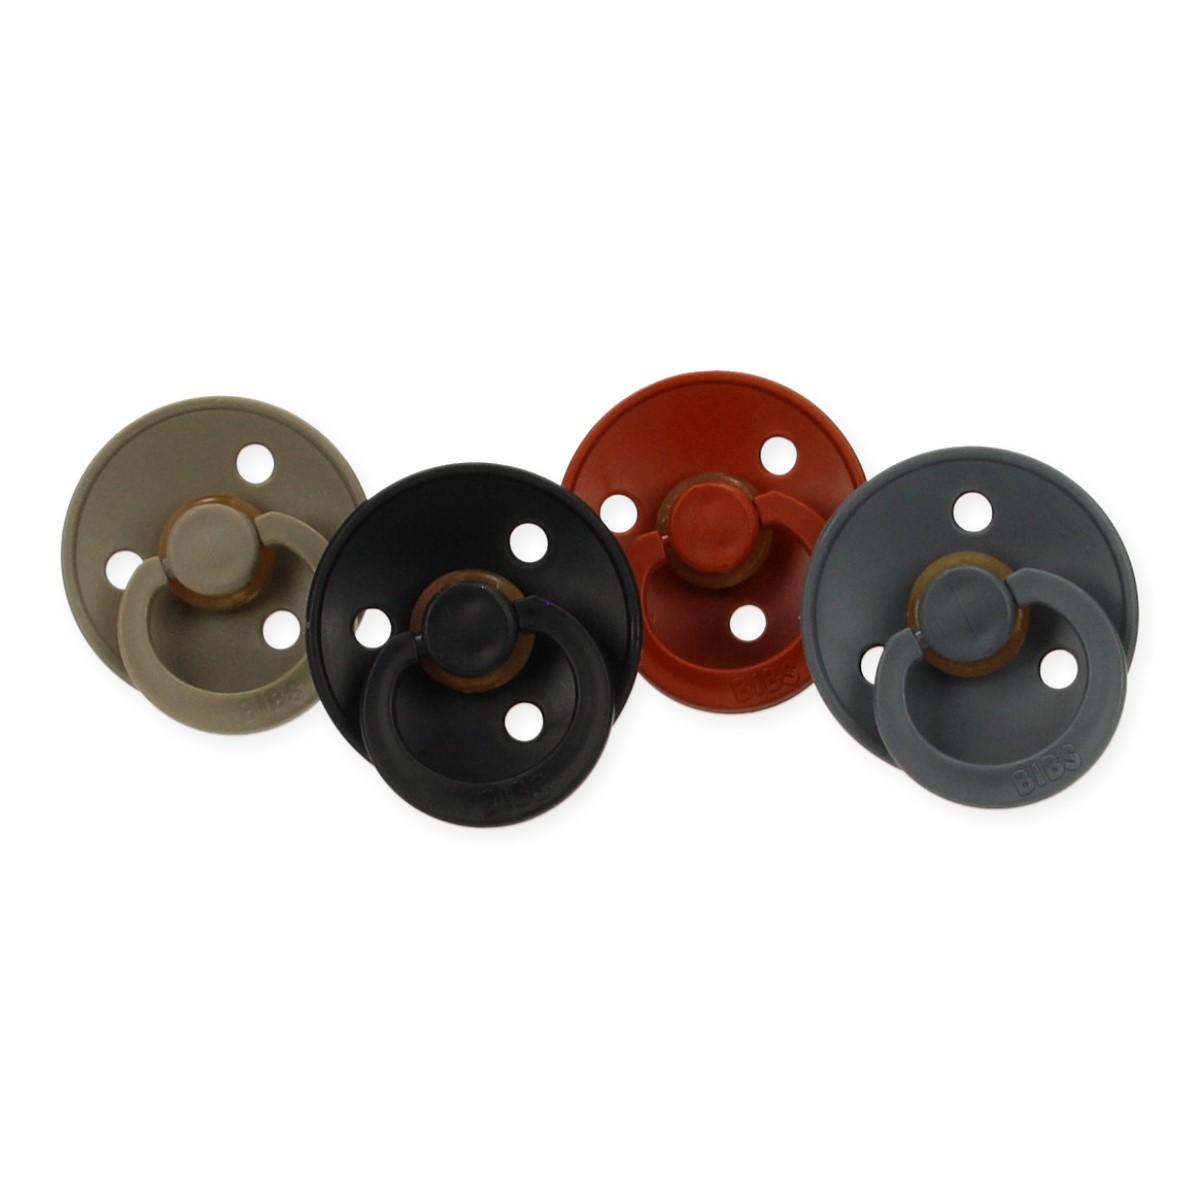 Set van 4 fopspenen Bibs latex 6-18 maanden - Industry